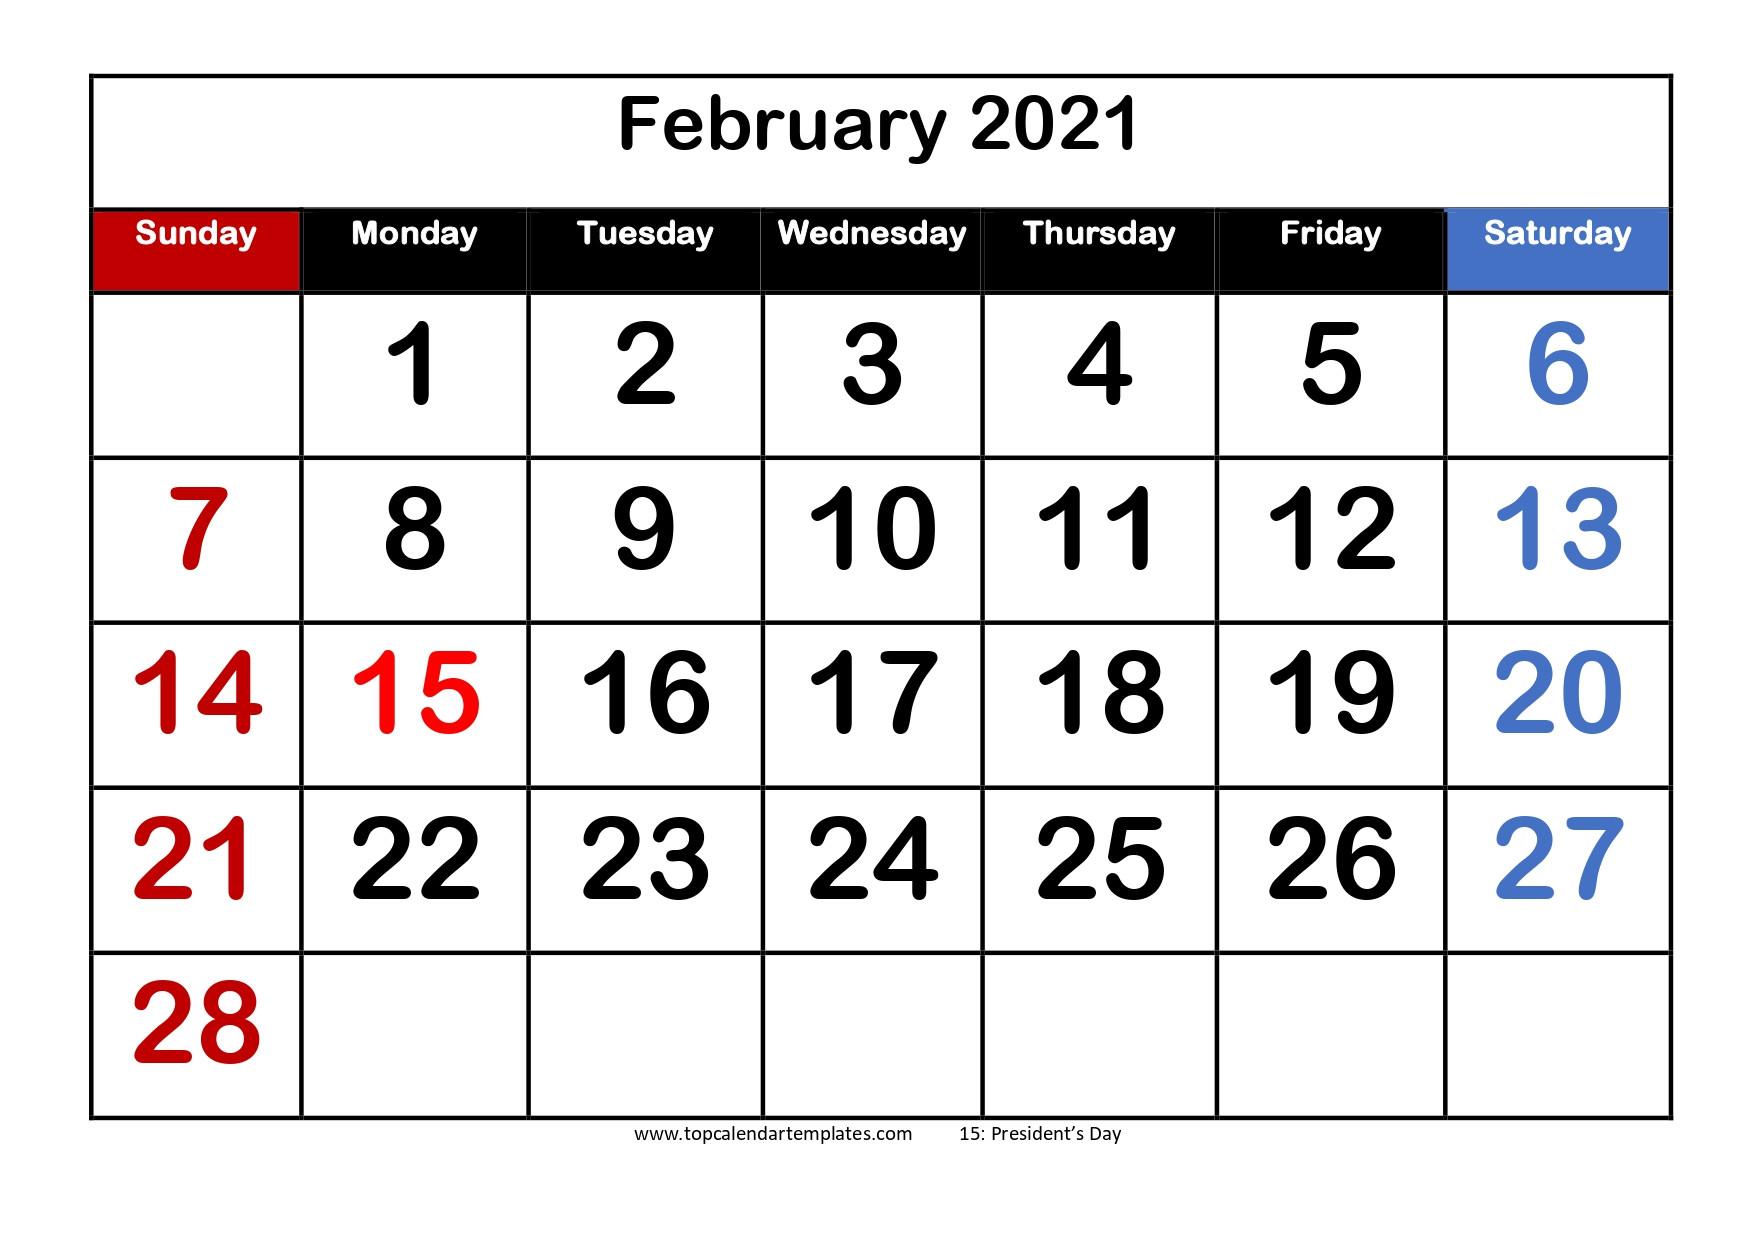 2021 Calendar Templates Editable By Word : Editable-Microsoft Word Calendar Template 2021